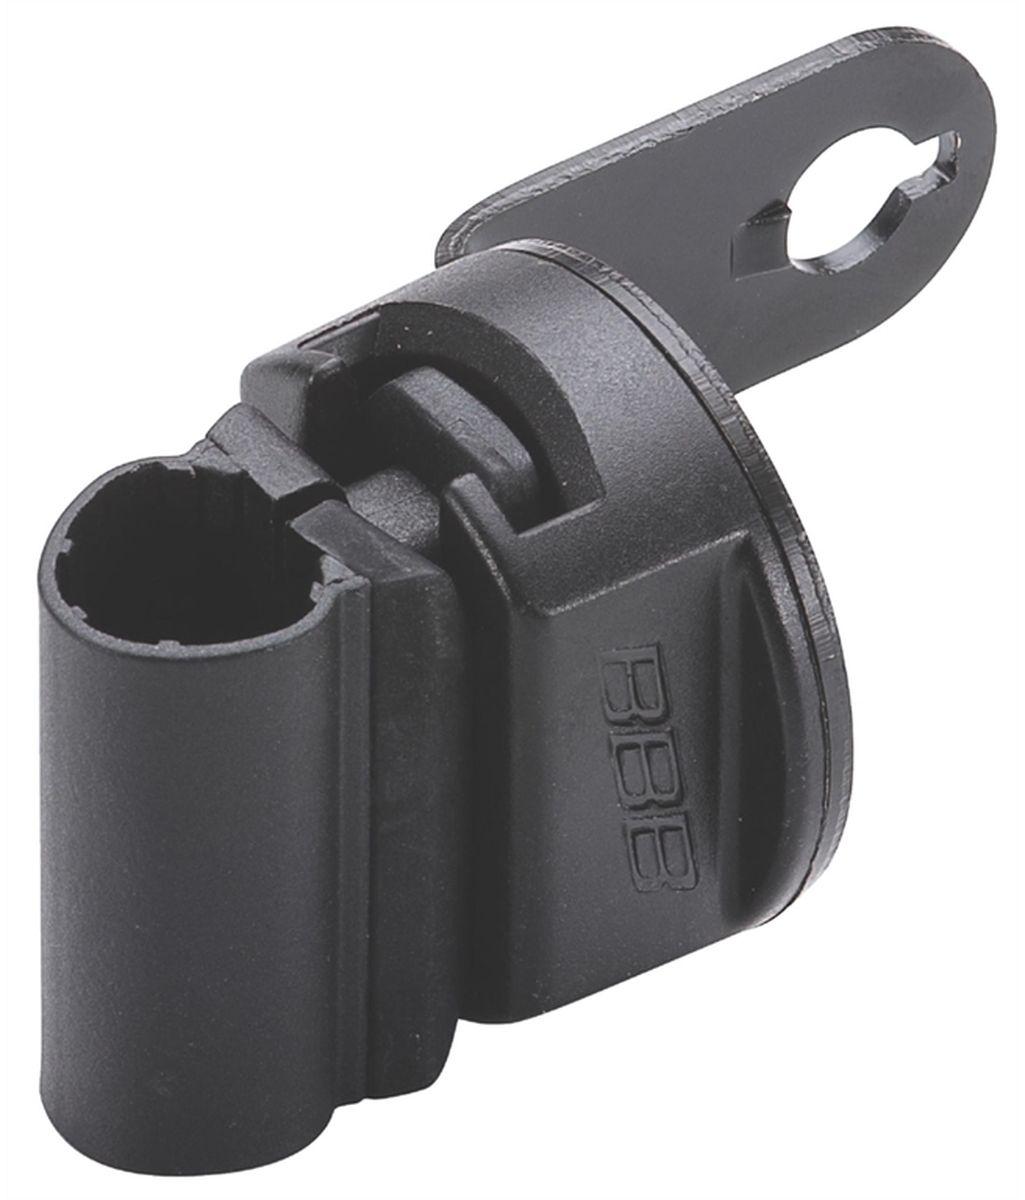 Держатель для велозамка BBB CableFix BracketBBL-92Универсальная крепежная скоба для тросов с замком BBB. Скоба крепится к подседельному штырю. Подходит для тросов диаметром: 6, 8, 10 и 12 мм.